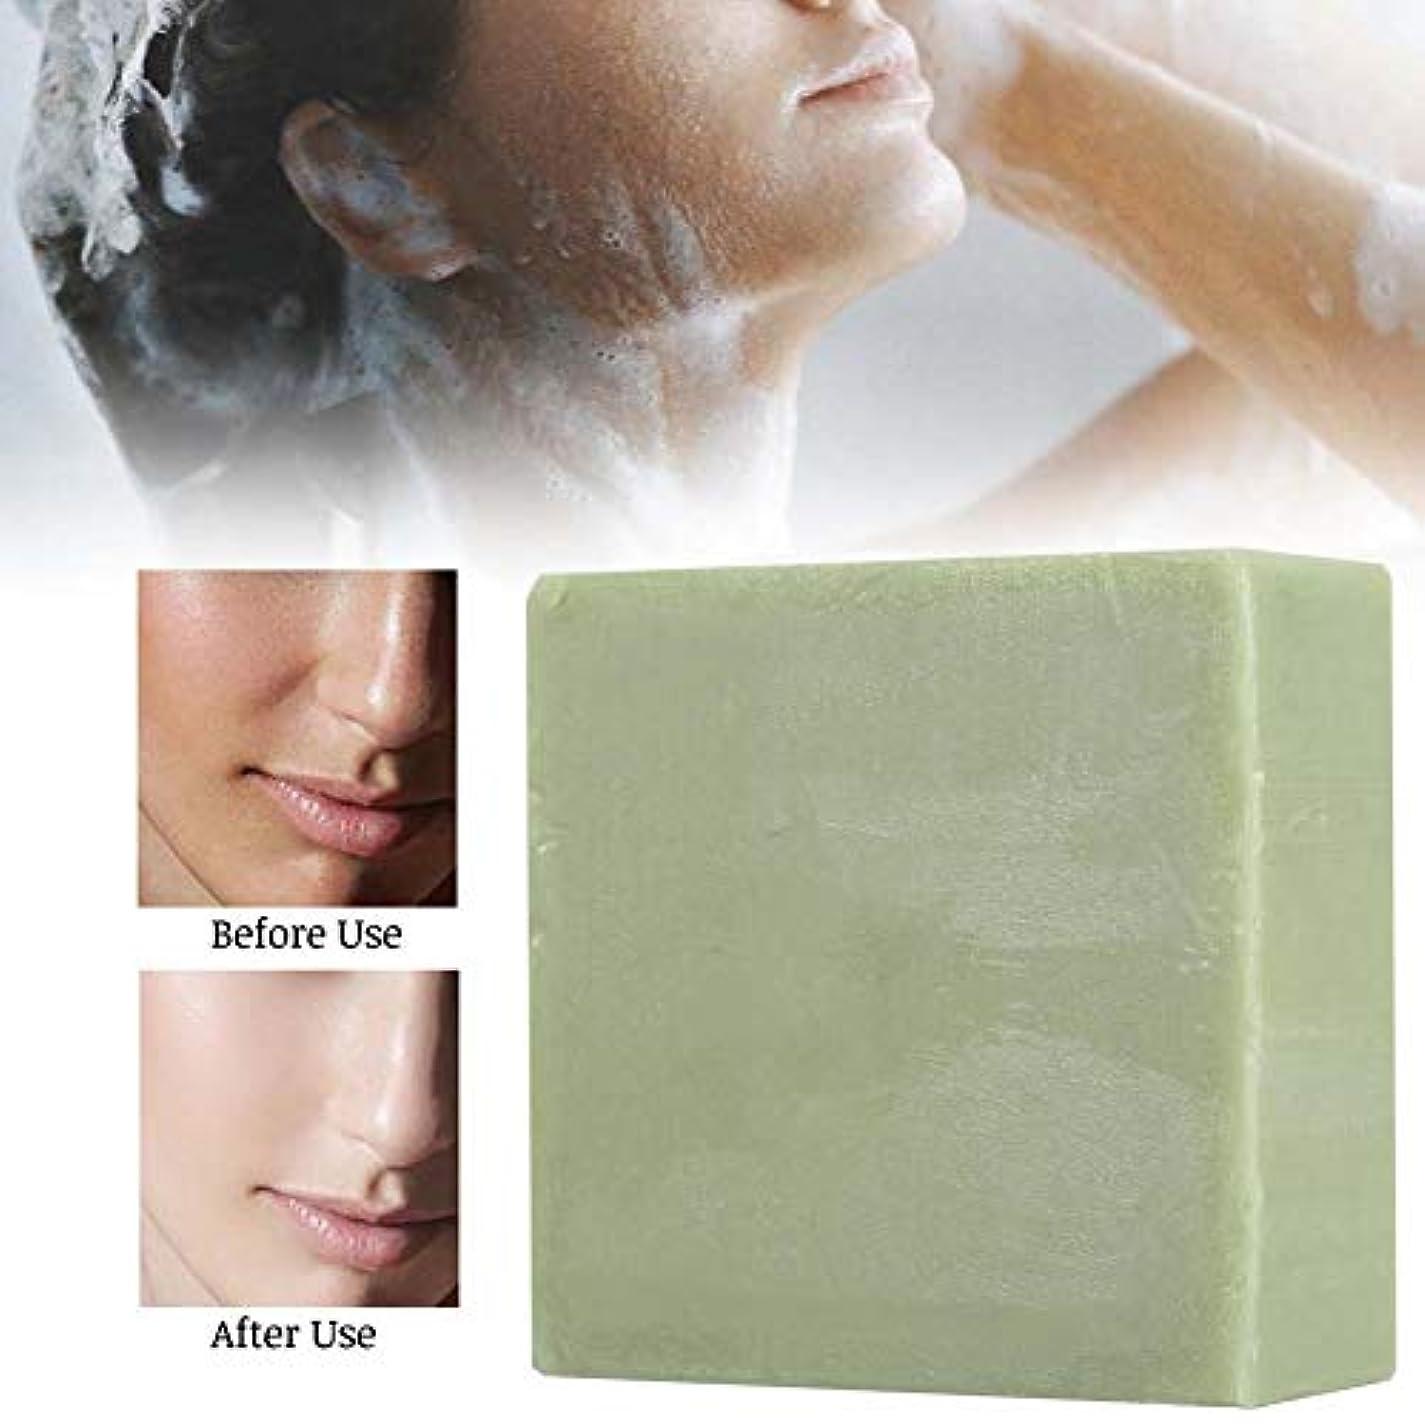 治療廃止グループ手作り石鹸 ハンドメイドグリーンクレイソープ フェイシャルクリーニング 保湿フェイシャルケア バスエッセンシャルオイルソープ